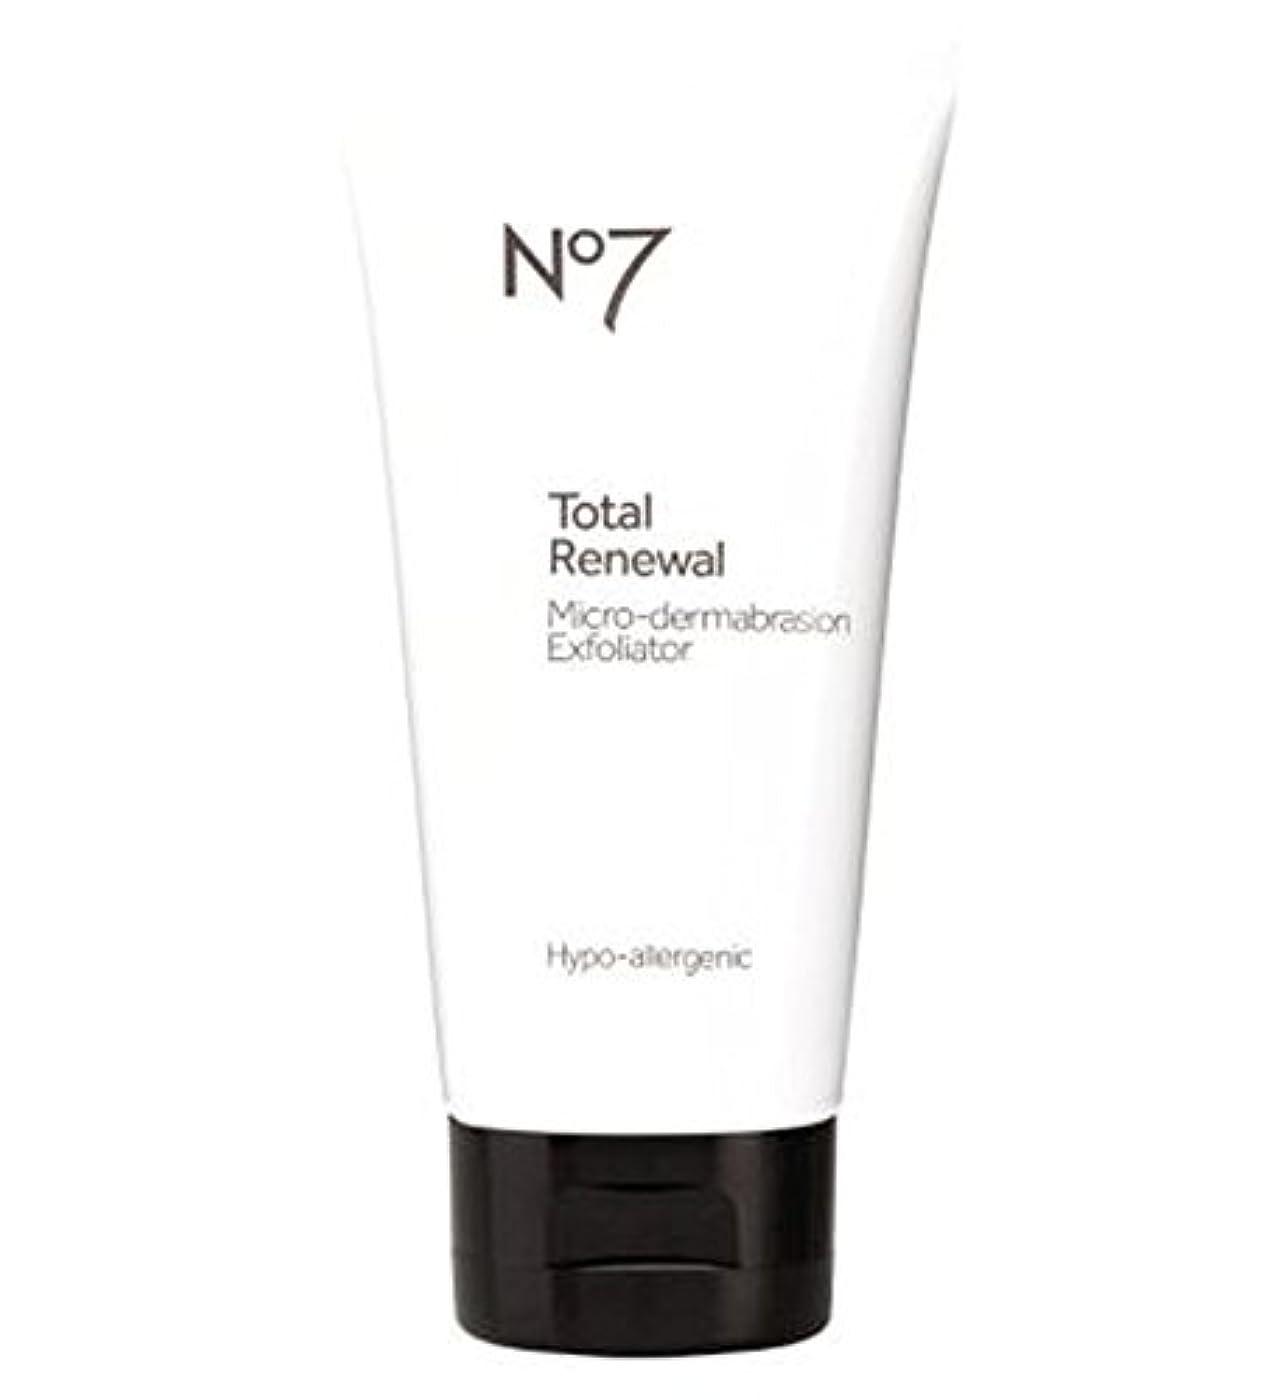 レンダリング名門スクランブルNo7 Total Renewal Micro-dermabrasion Face Exfoliator - No7総リニューアルマイクロ皮膚剥離面エクスフォリエーター (No7) [並行輸入品]